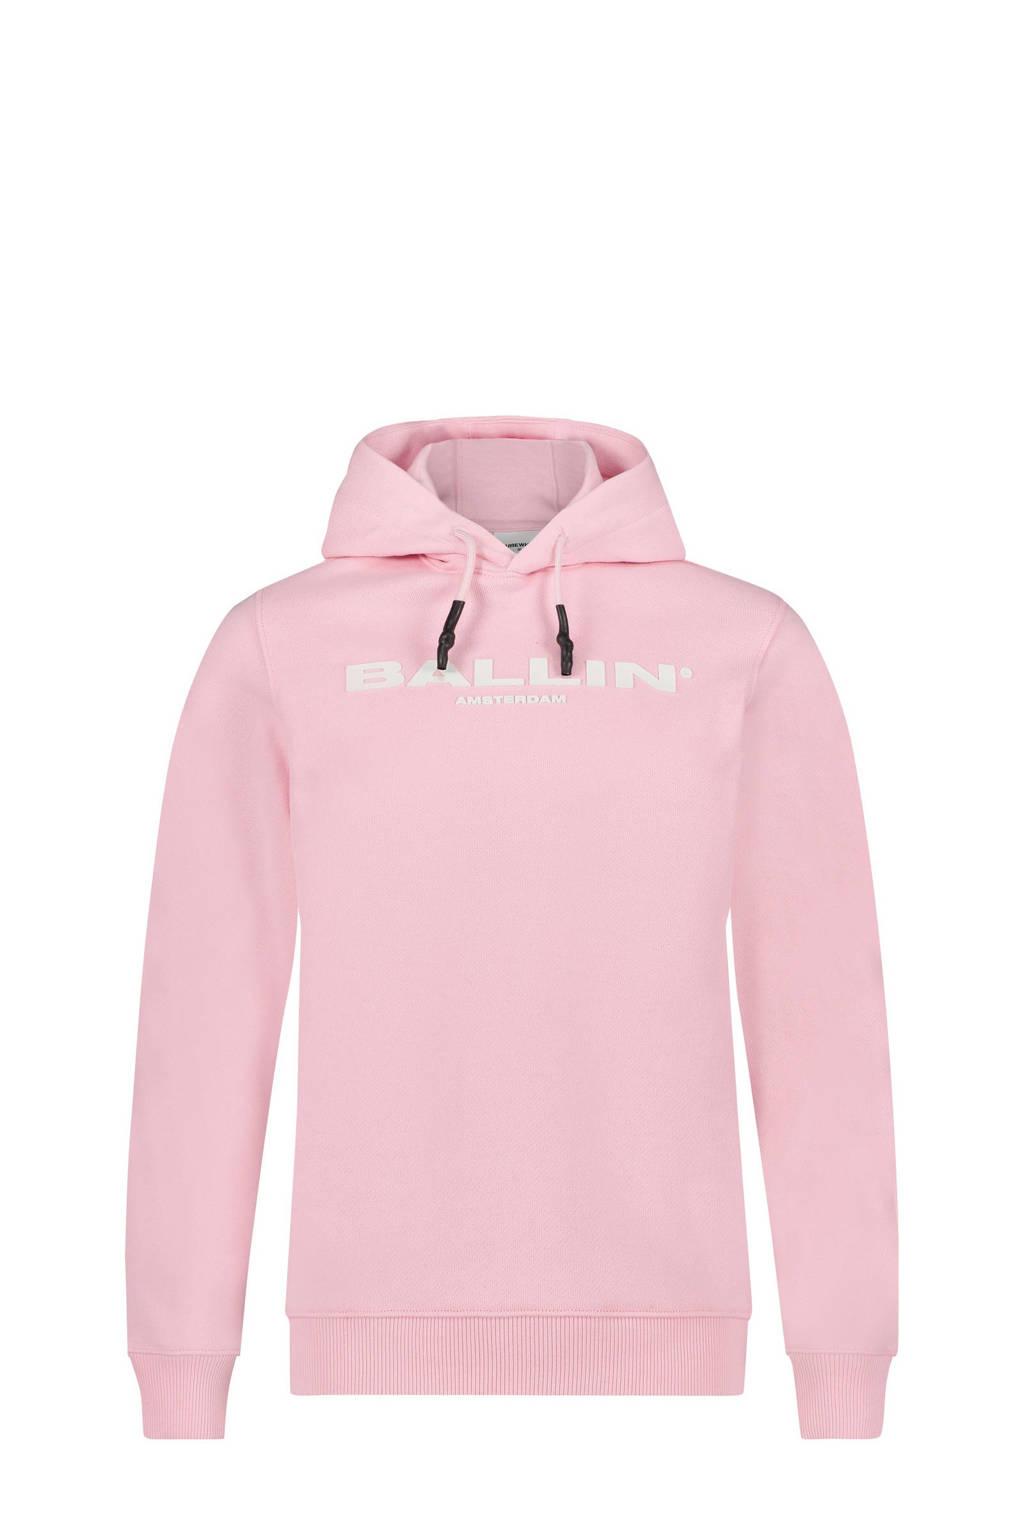 Ballin unisex hoodie met logo lichtroze, Lichtroze